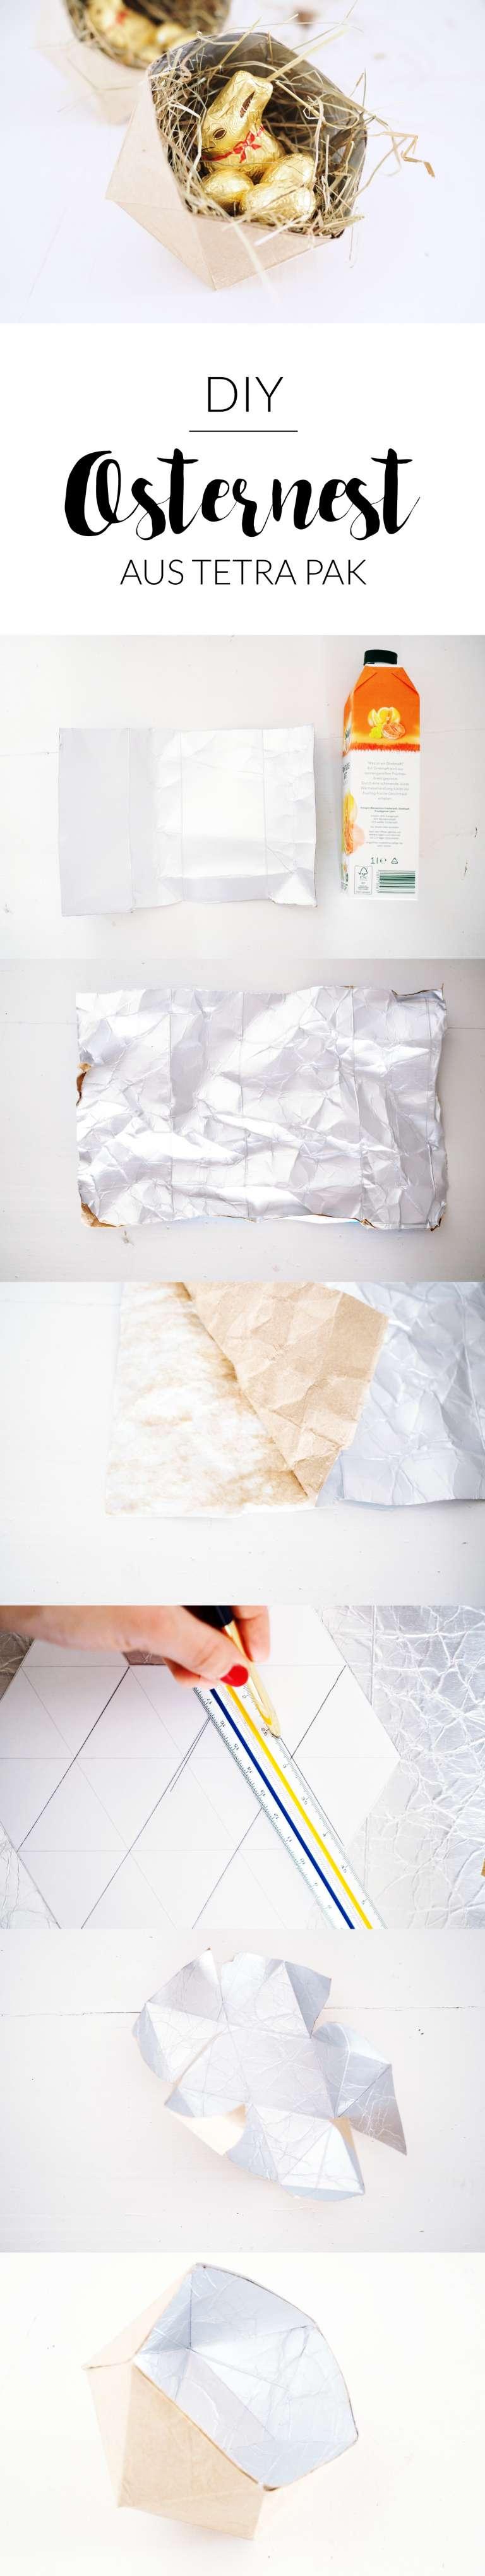 Diy Anleitung Upcycling Osternest Ostern Geometrische Schale Aus Tetra Pak Paulsvera